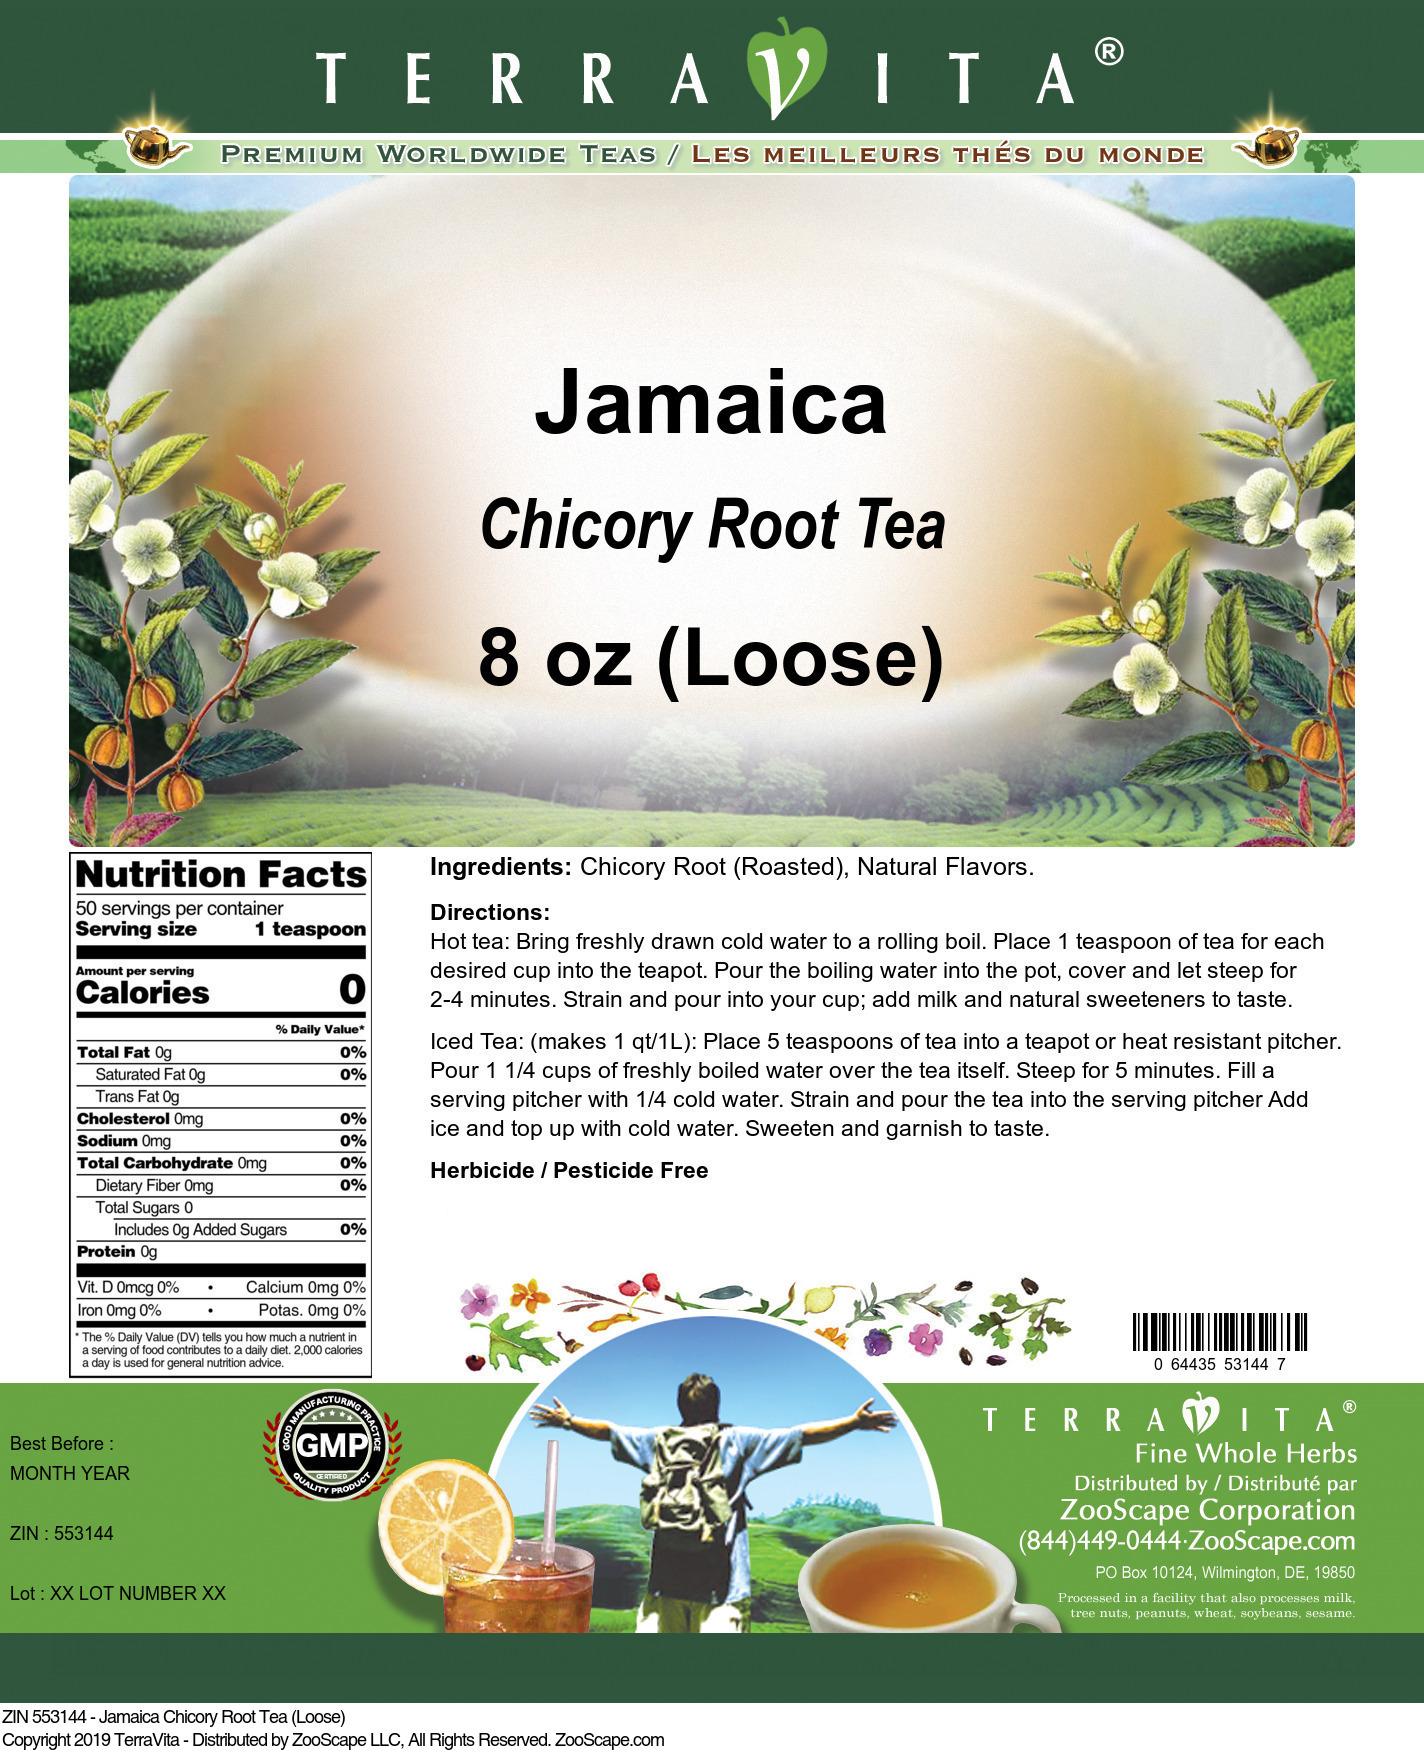 Jamaica Chicory Root